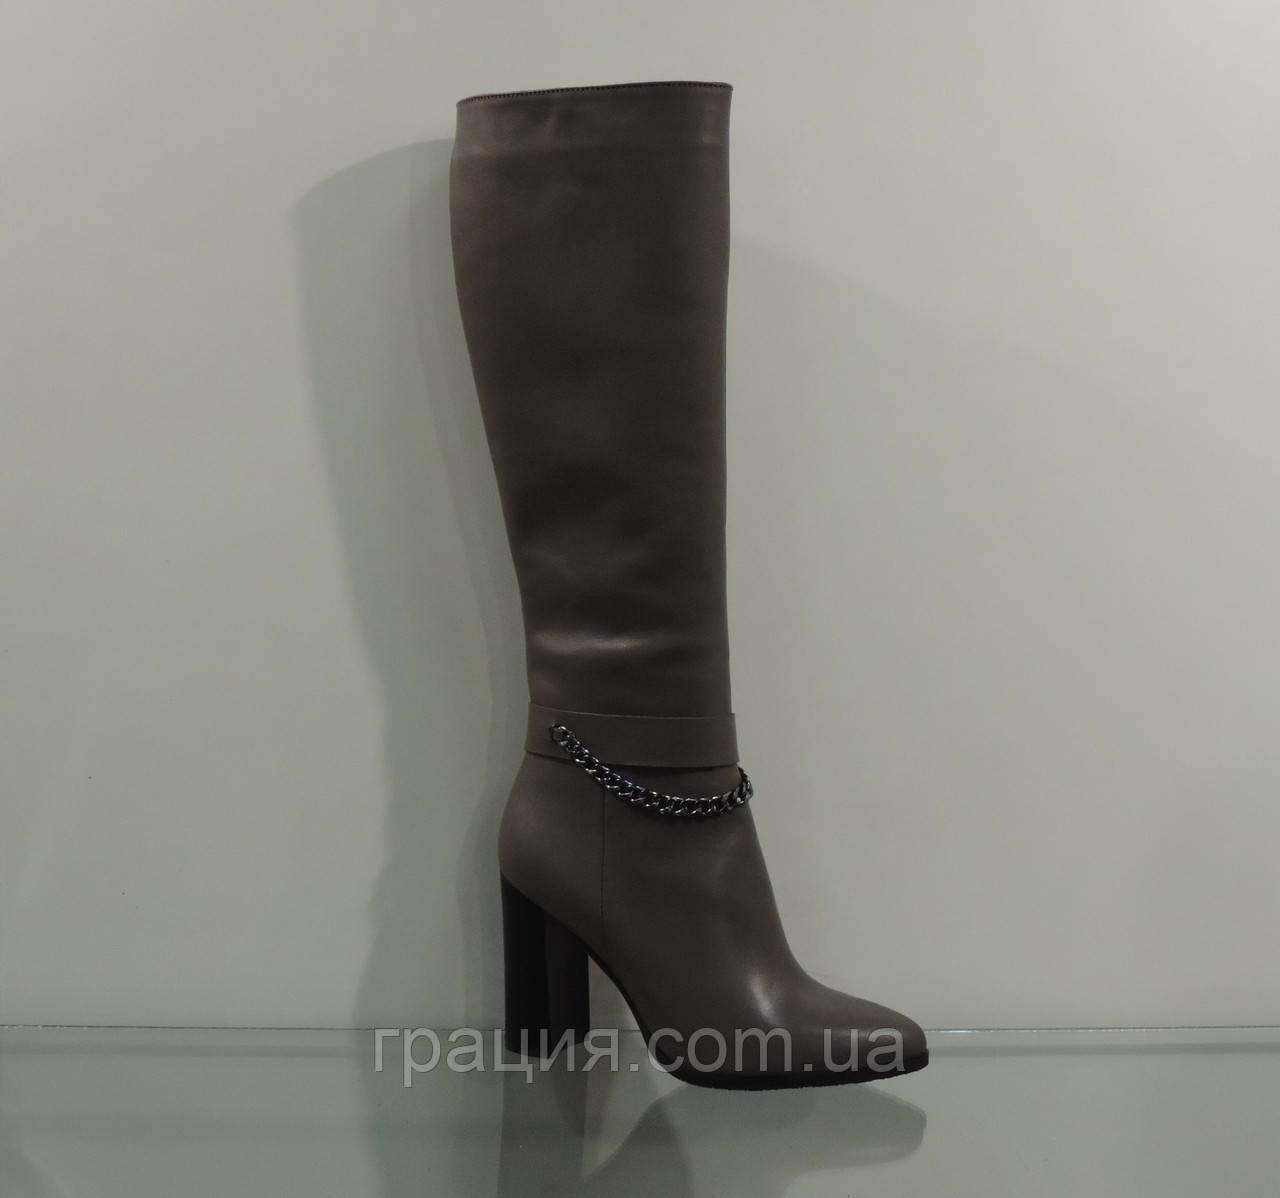 Элегантные женские кожаные зимние сапоги на каблуке с цепочкой 5b5a7993fd846